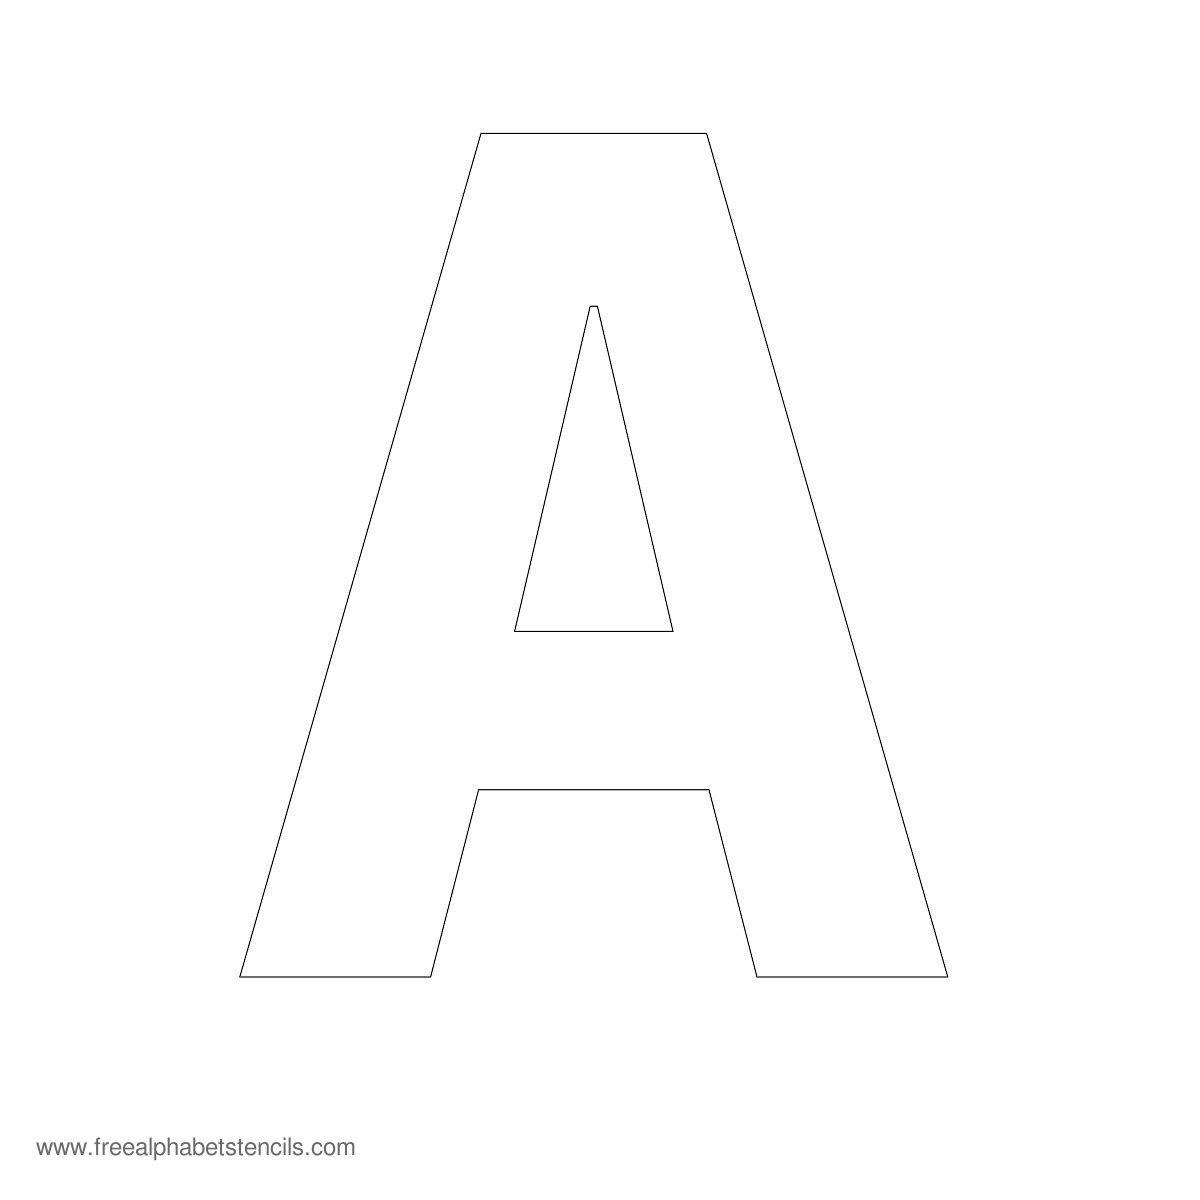 Large Alphabet Stencils | Freealphabetstencils - Free Printable Alphabet Stencil Patterns